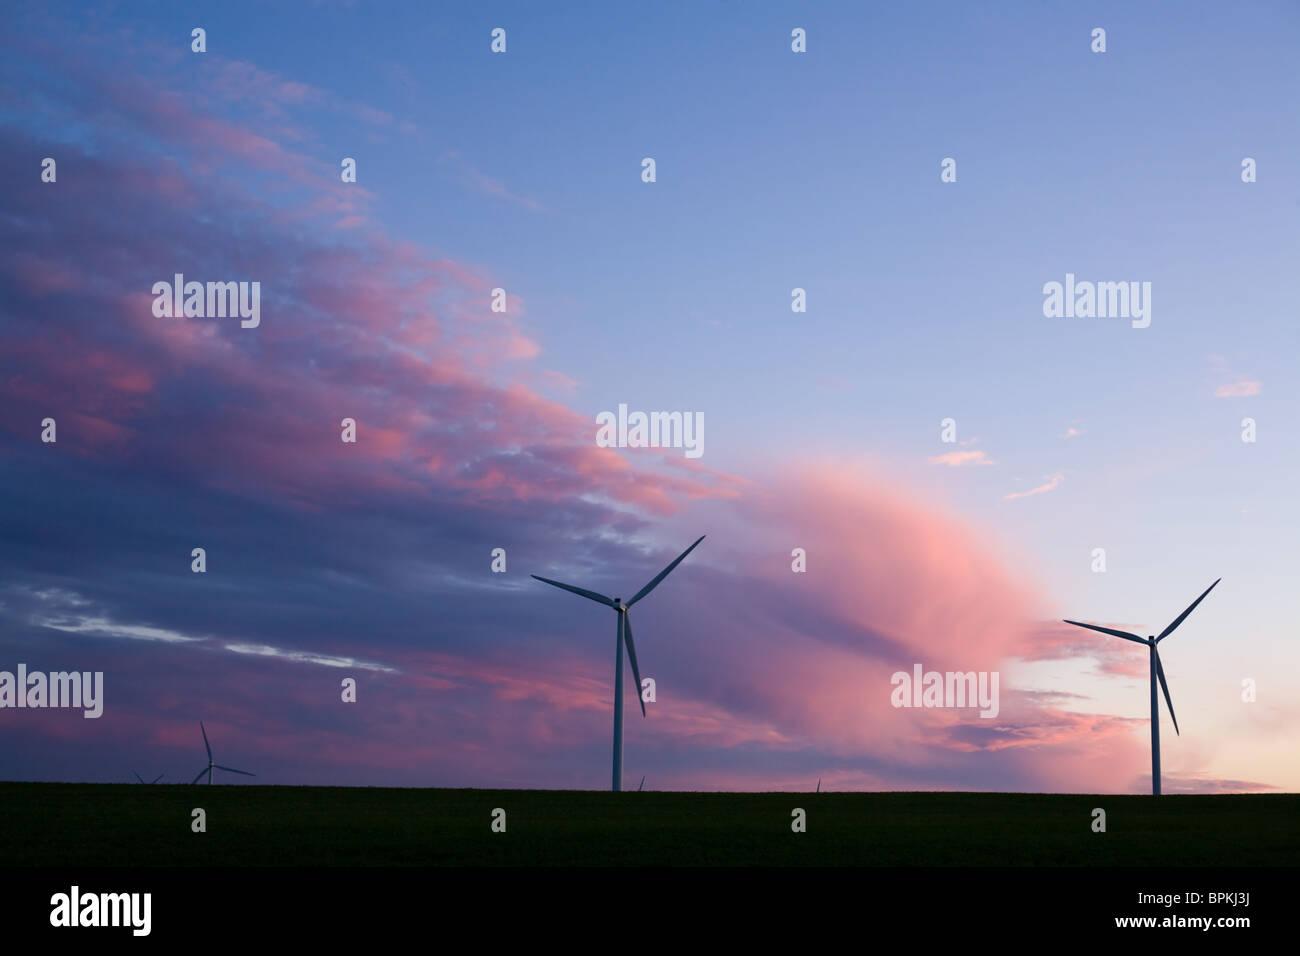 Éoliennes sur Tug Hill Plateau, plus grand projet d'énergie éolienne dans l'État de Photo Stock